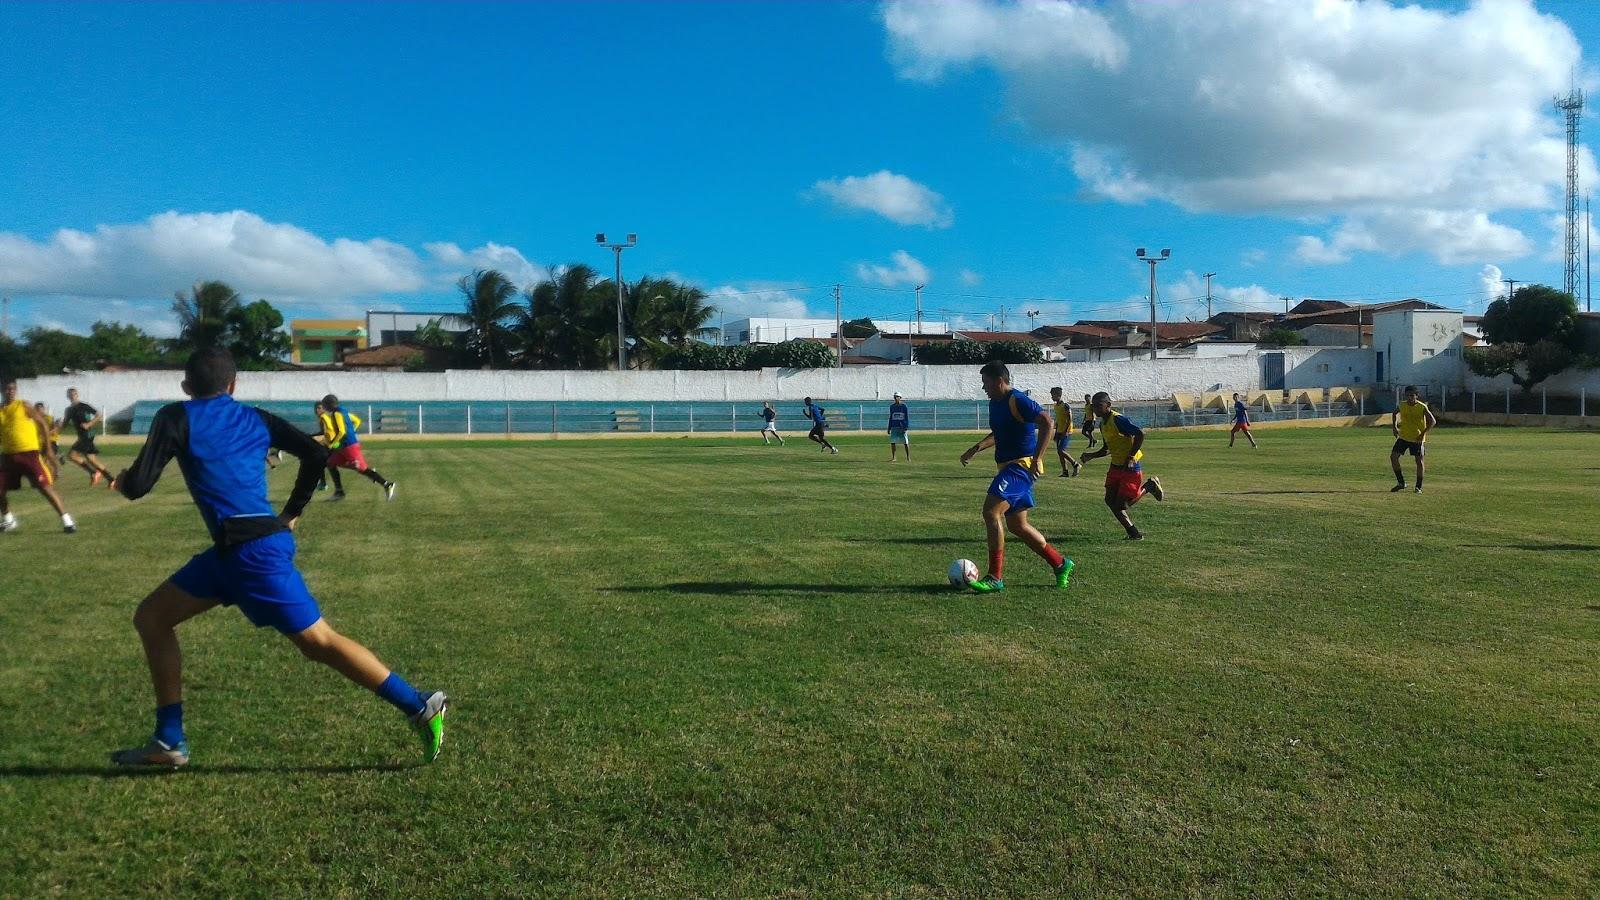 A Copa Garoto Bom de Bola é promovida pelo Governo do Estado, reuniu 26 seleções municipais e a participação de 600 alunos/atletas de 12 a 14 anos.